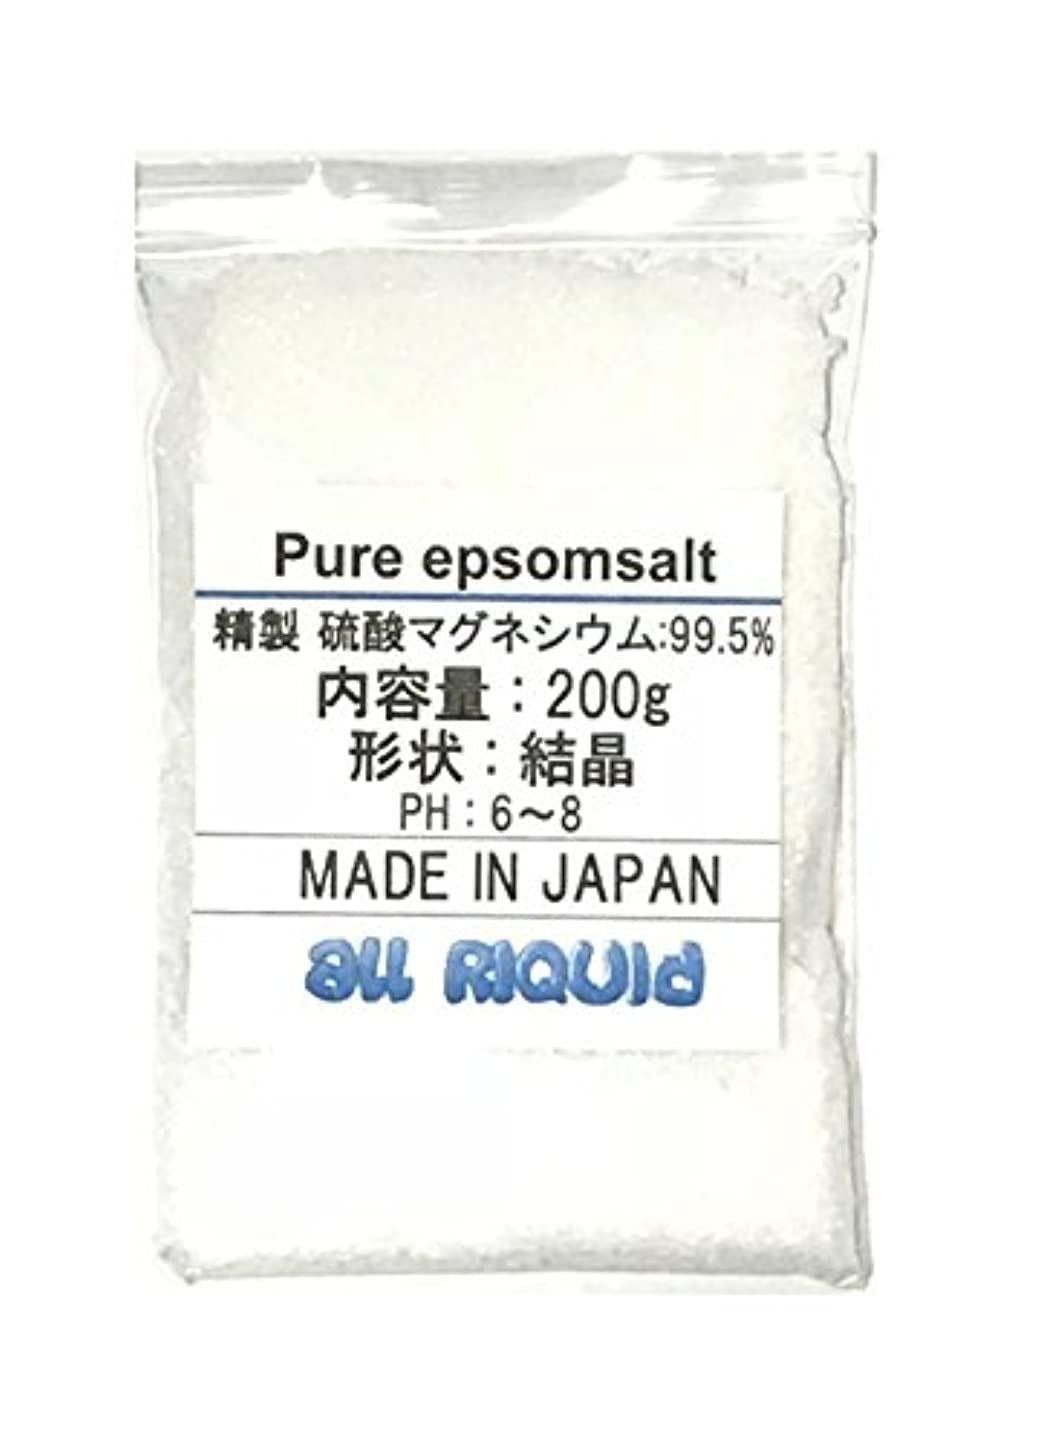 花瓶未払い保険をかける純 エプソムソルト 200g (硫酸マグネシウム) 1回分 99.5% 国産品 オールリキッド